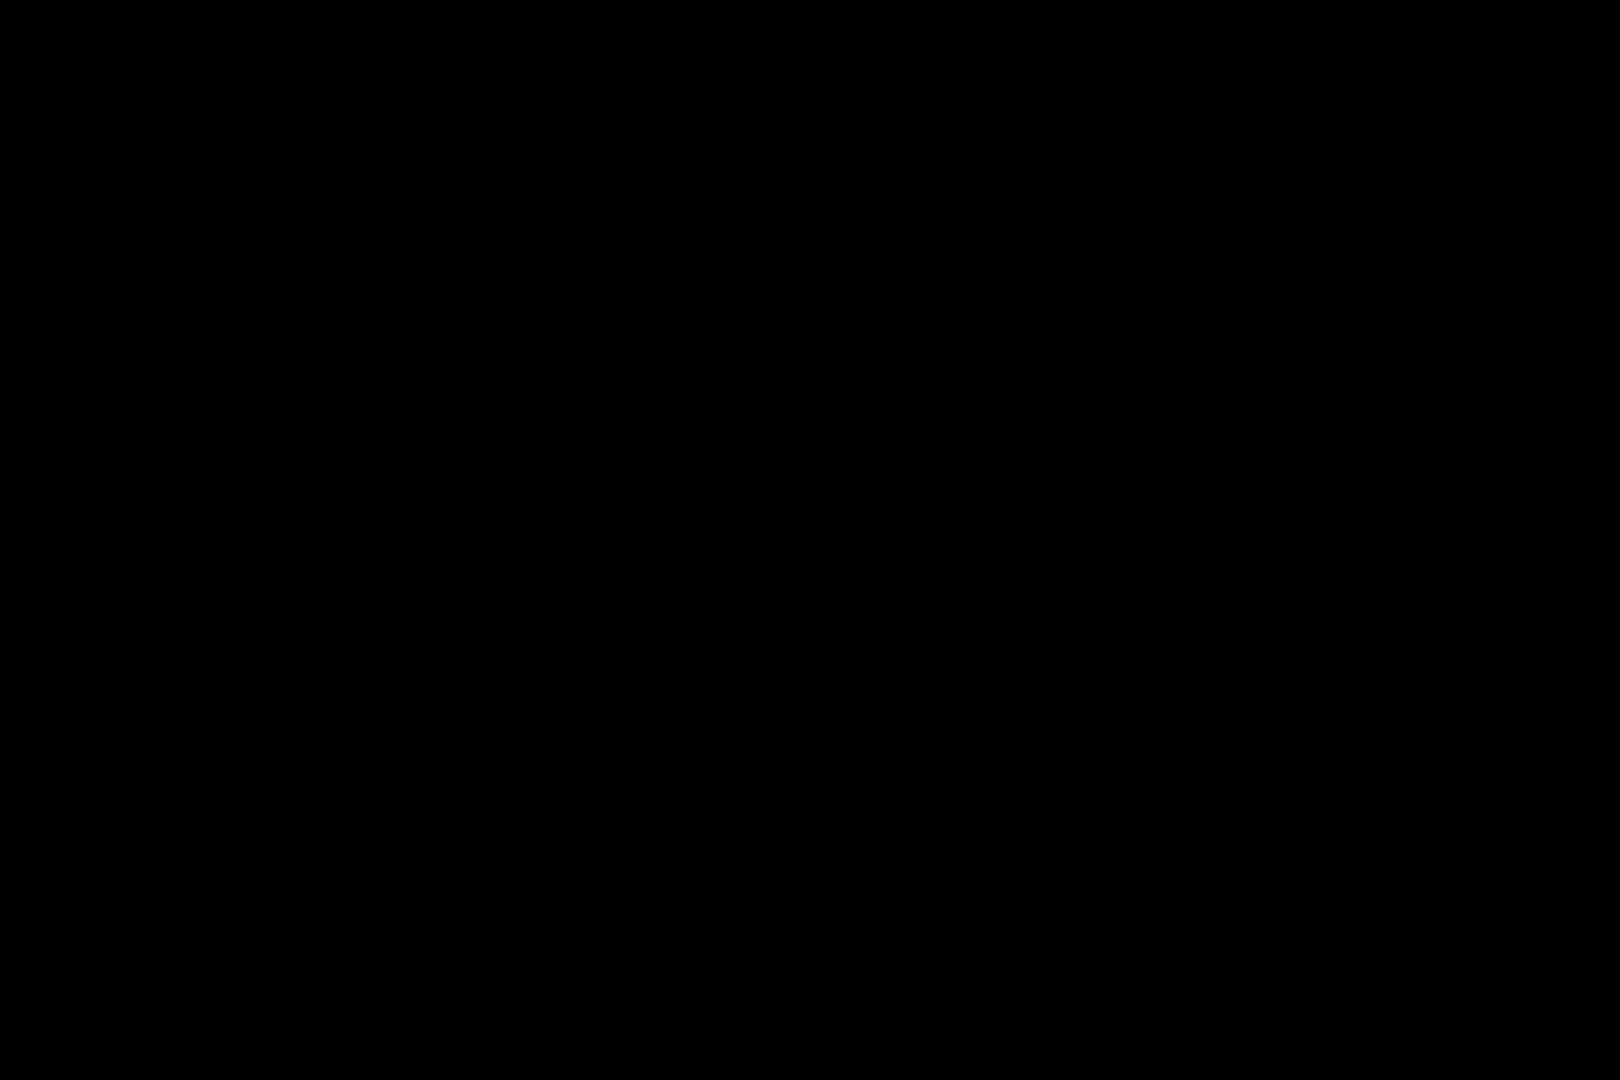 いっくんの調教シリーズ「未亡人みずほ27歳市役所職員」Vol.5 ワルノリ  94画像 16